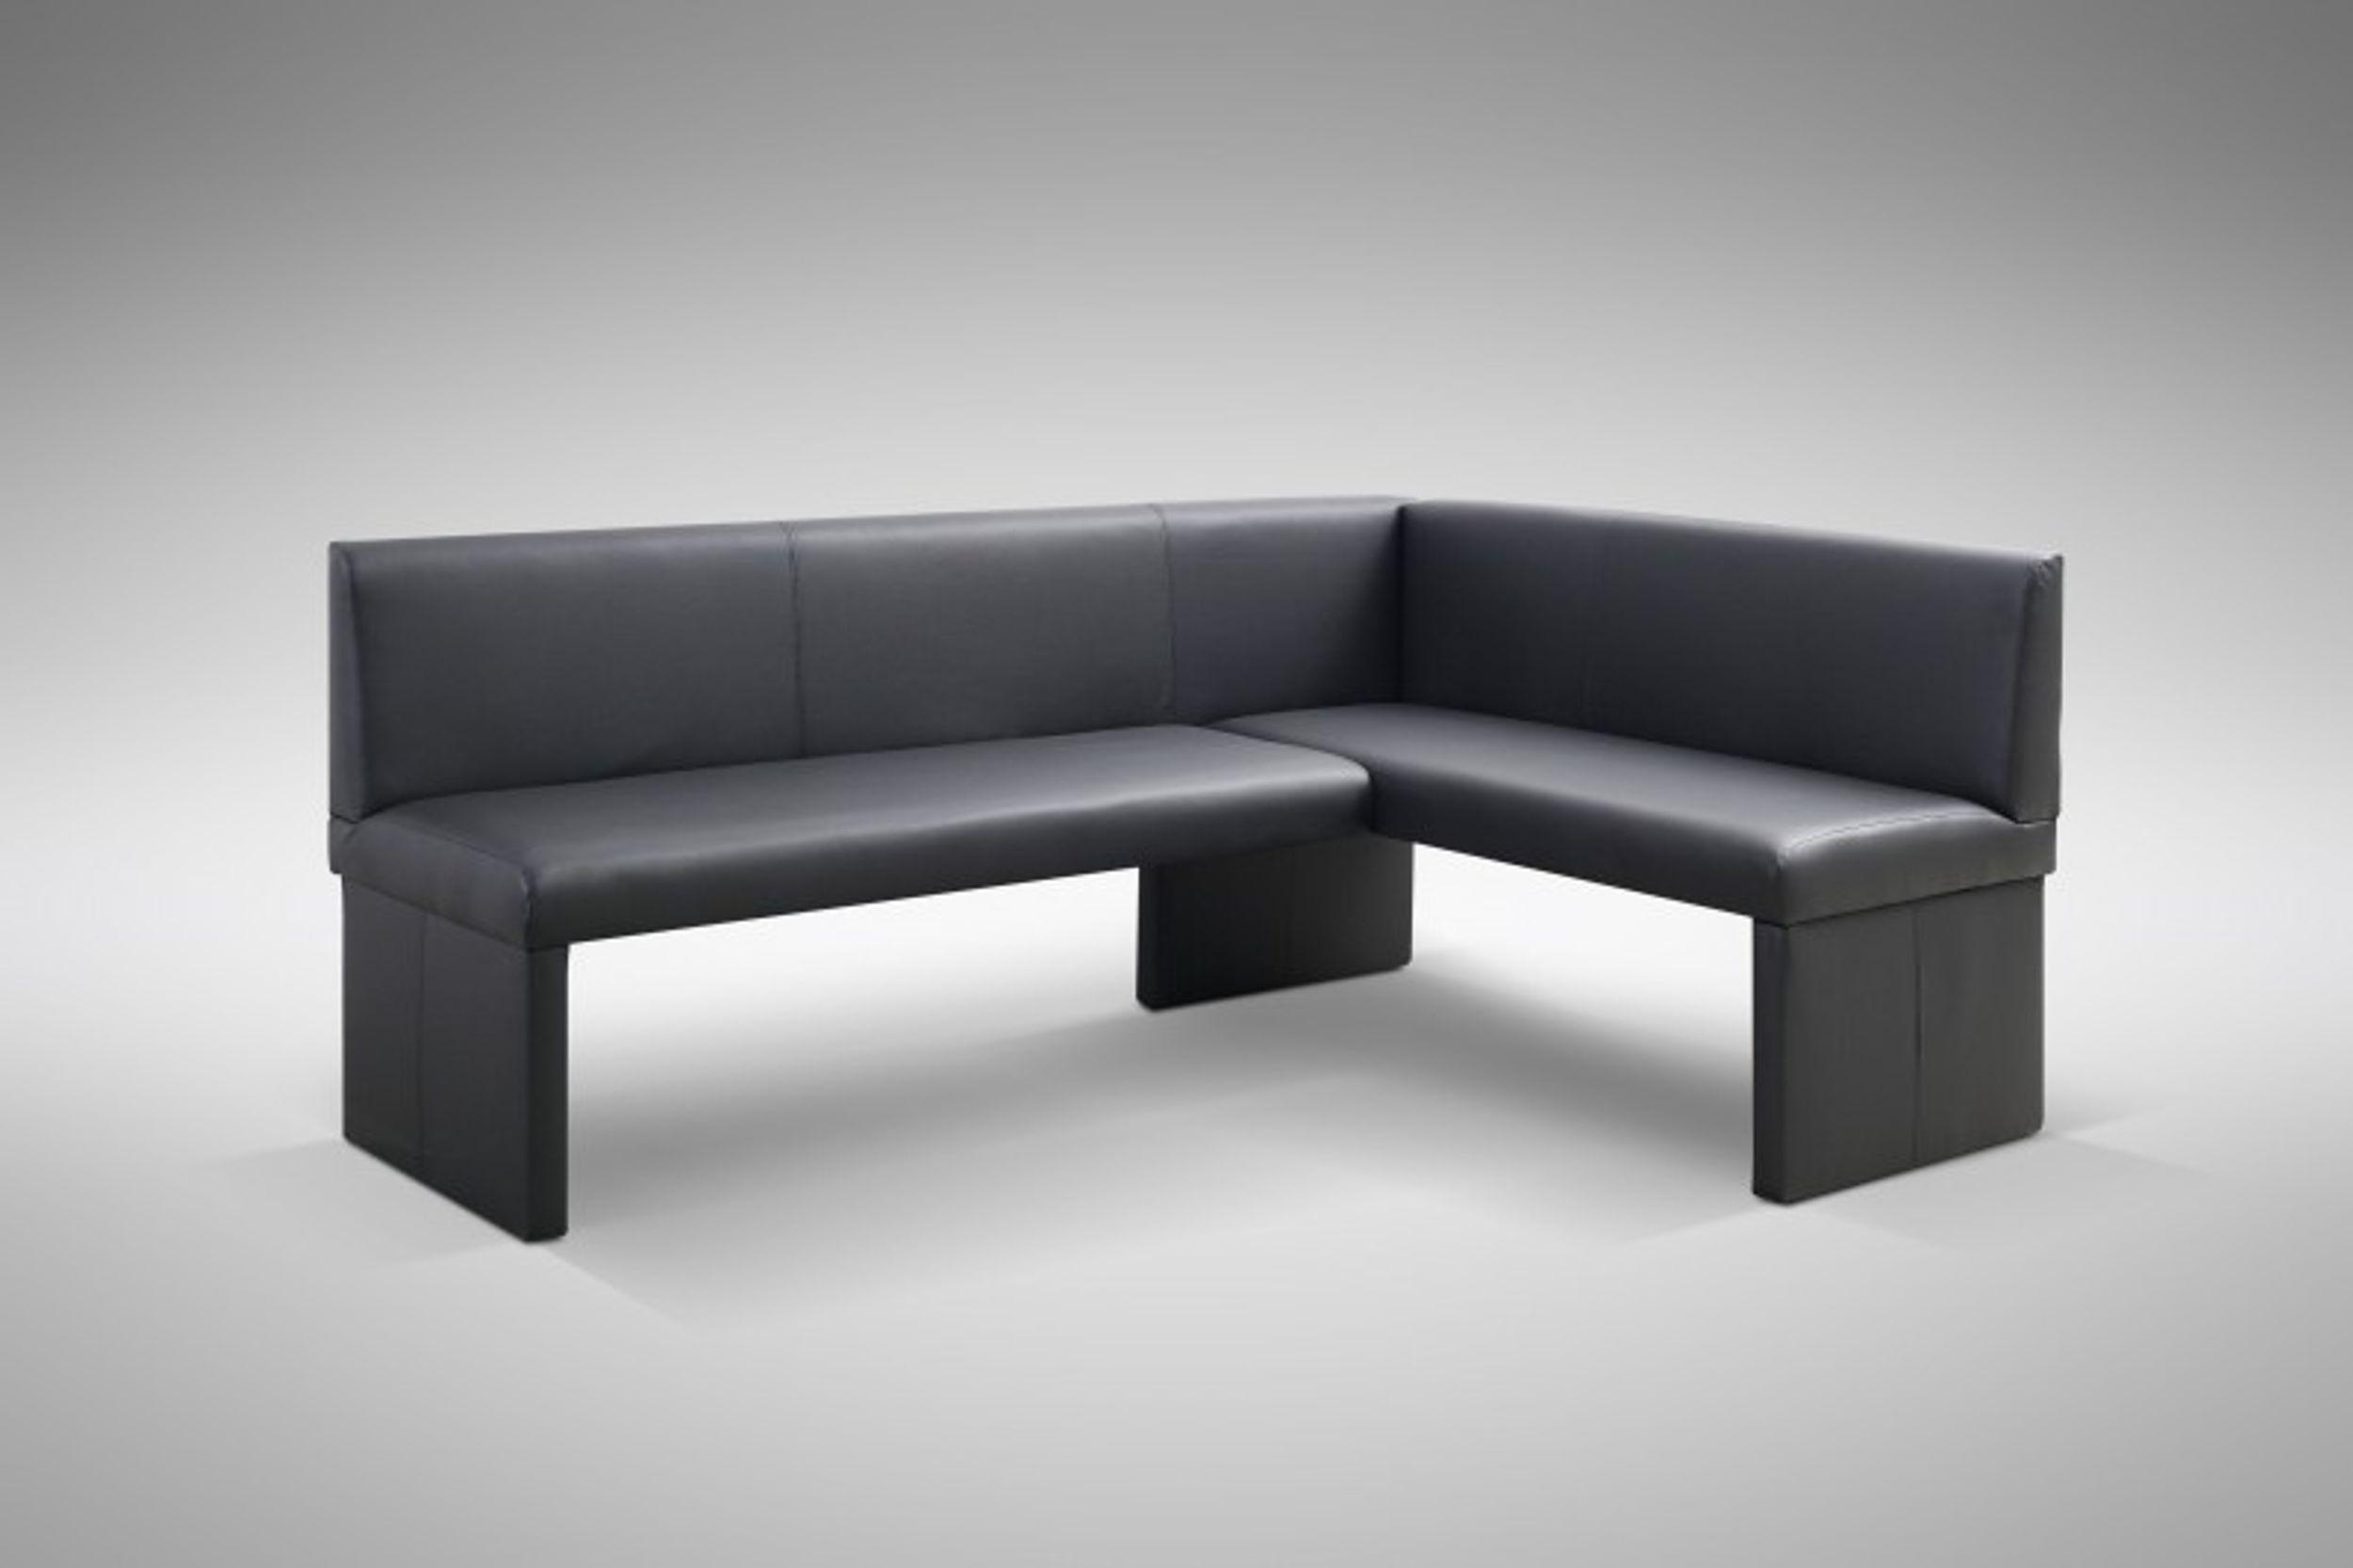 design eckbank otto modern kunstleder schwarz links polsterm bel eckb nke. Black Bedroom Furniture Sets. Home Design Ideas